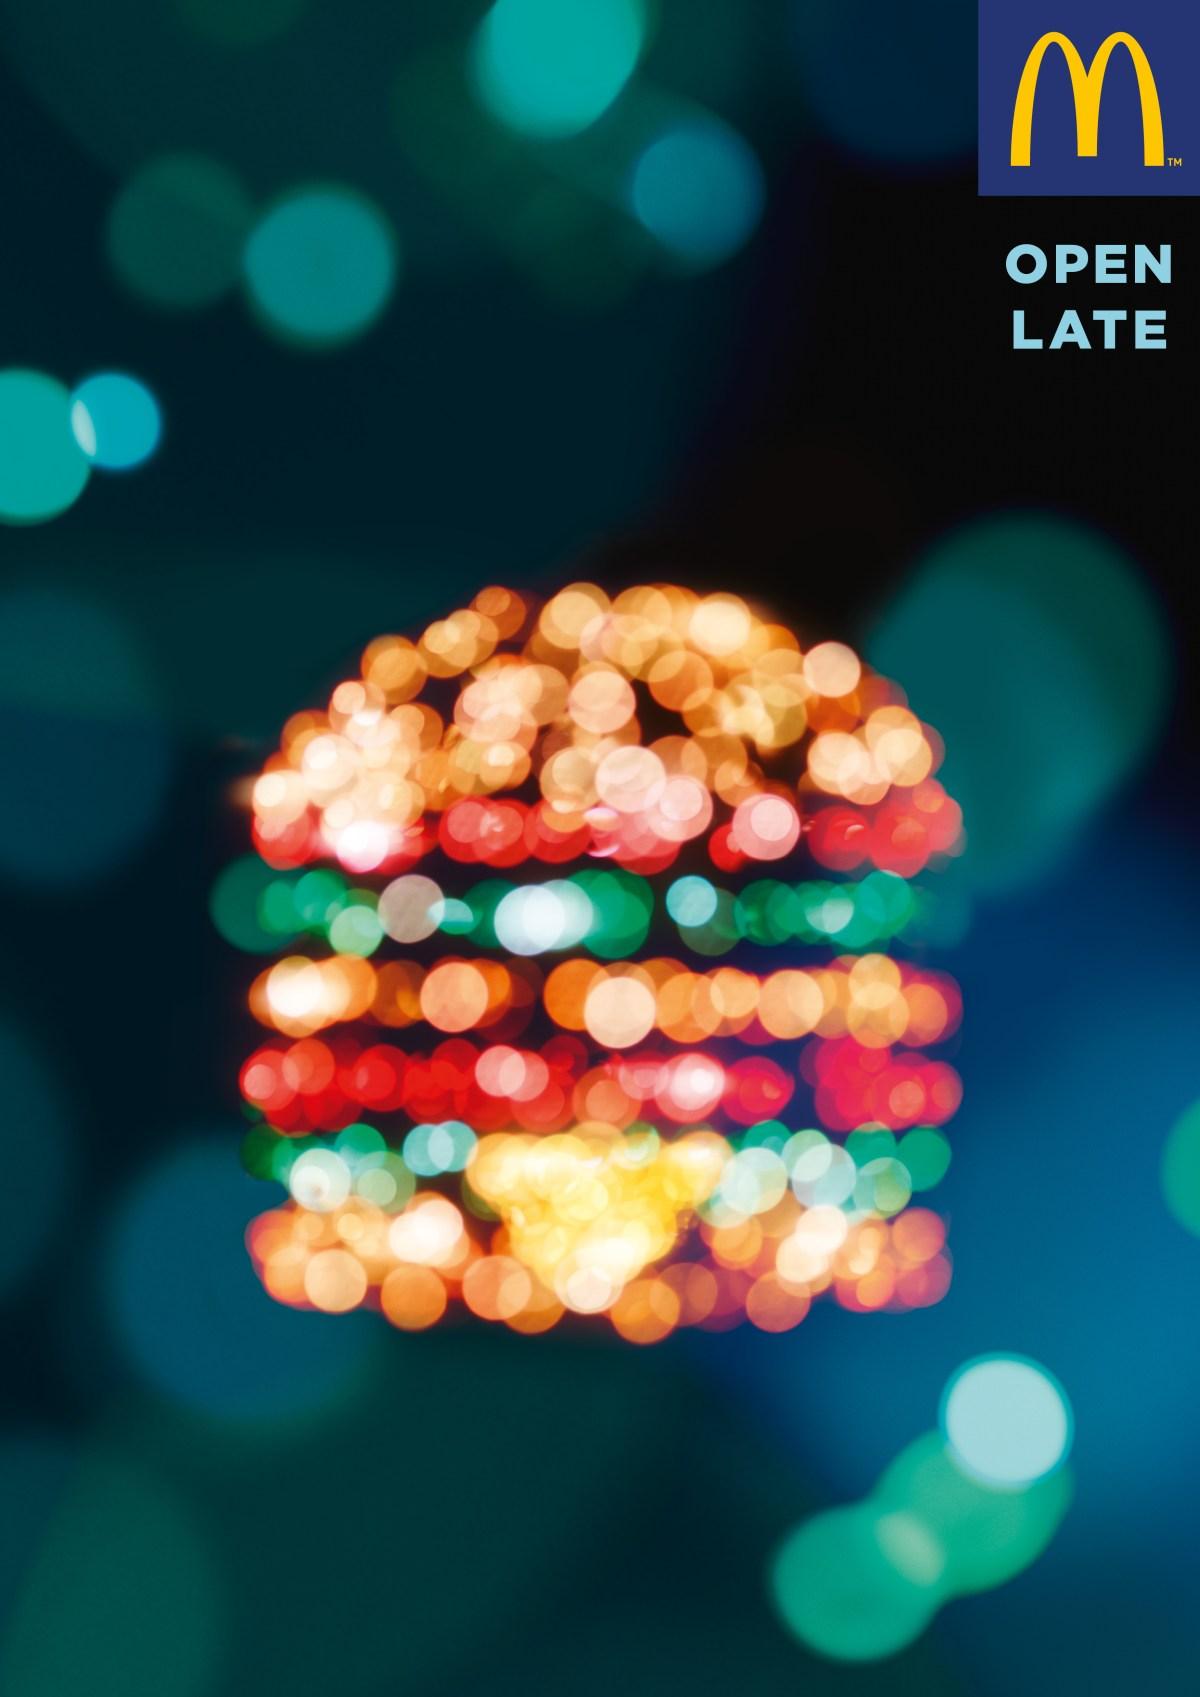 LEDs iluminam novos cartazes do McDonald's (14 pics)